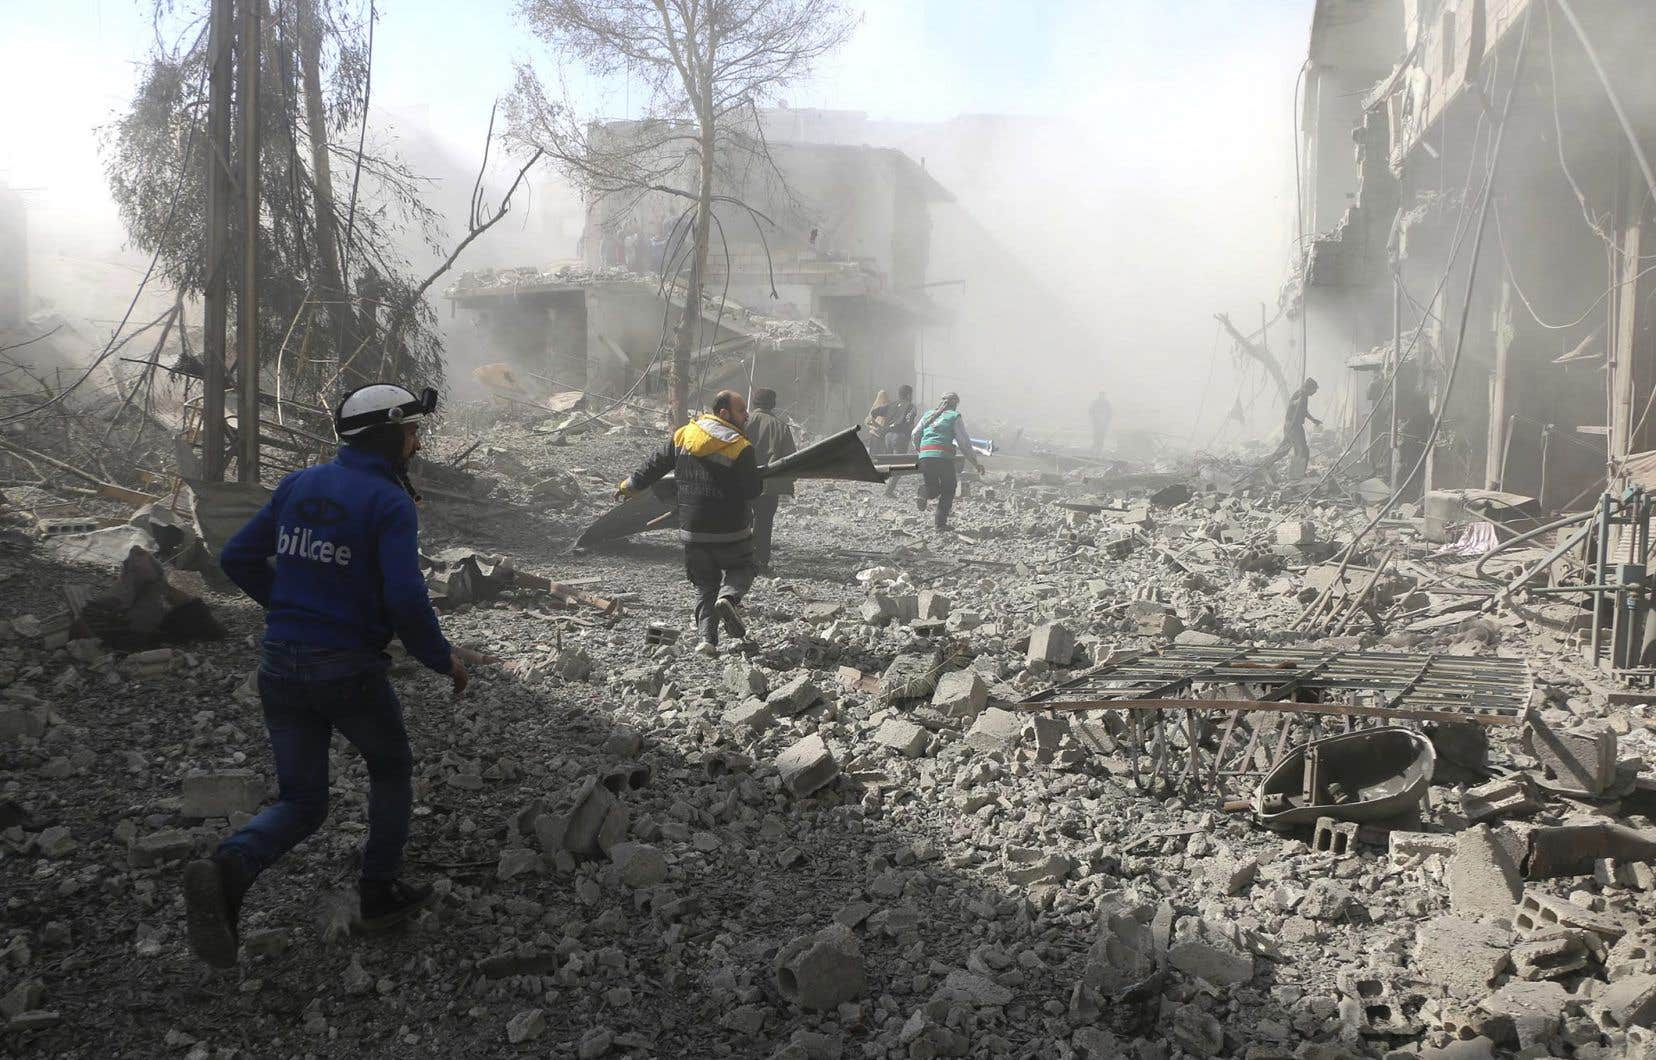 Au moins 250 civils, dont près de 60 enfants, ont été tués depuis dimanche dans les bombardements sur la Ghouta orientale (photo fournie par la Défense civile syrienne).